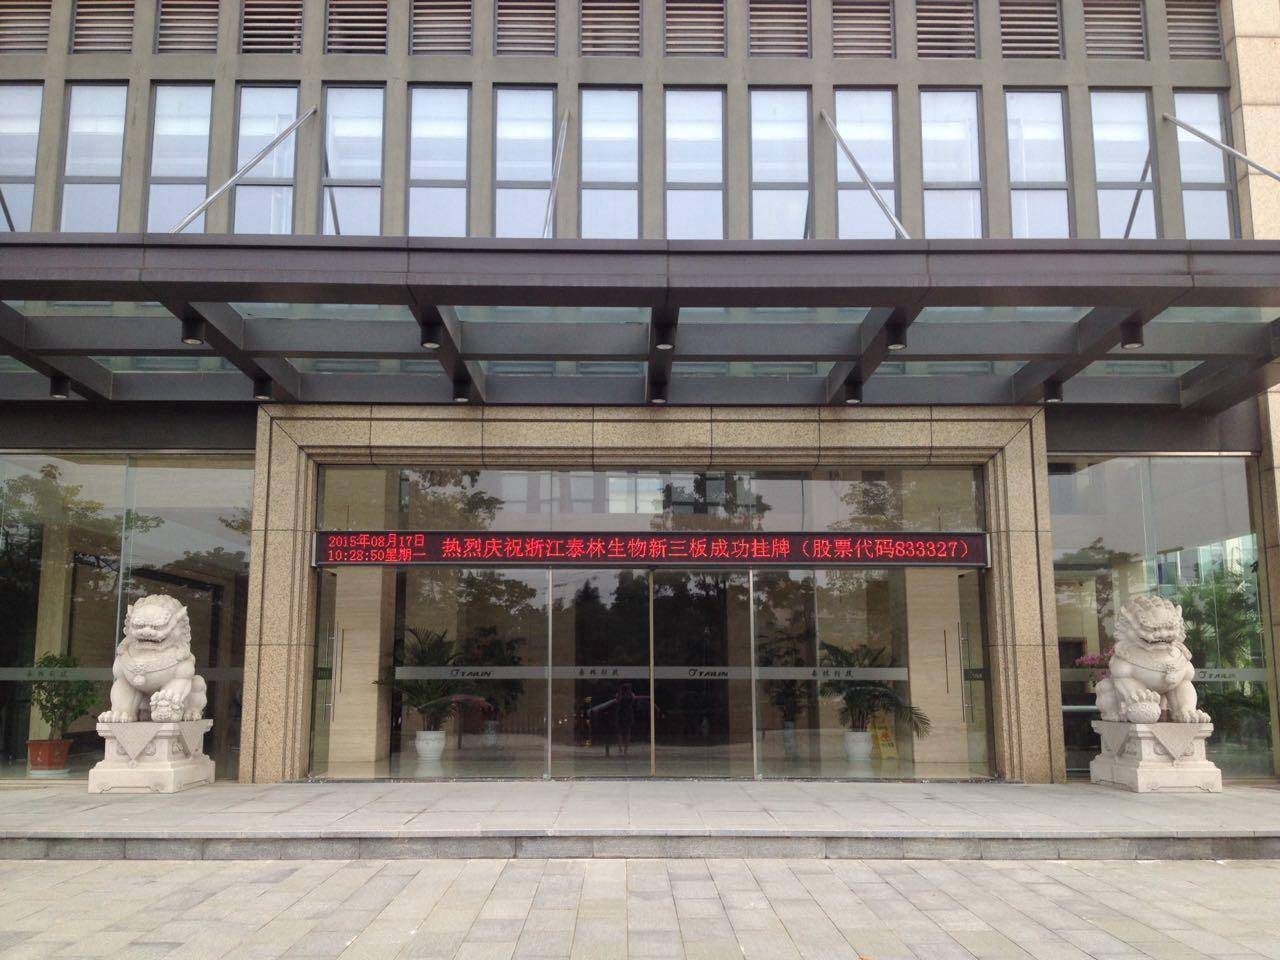 祝贺单位委员浙江泰林生物技术股份有限公司成功挂牌新三板